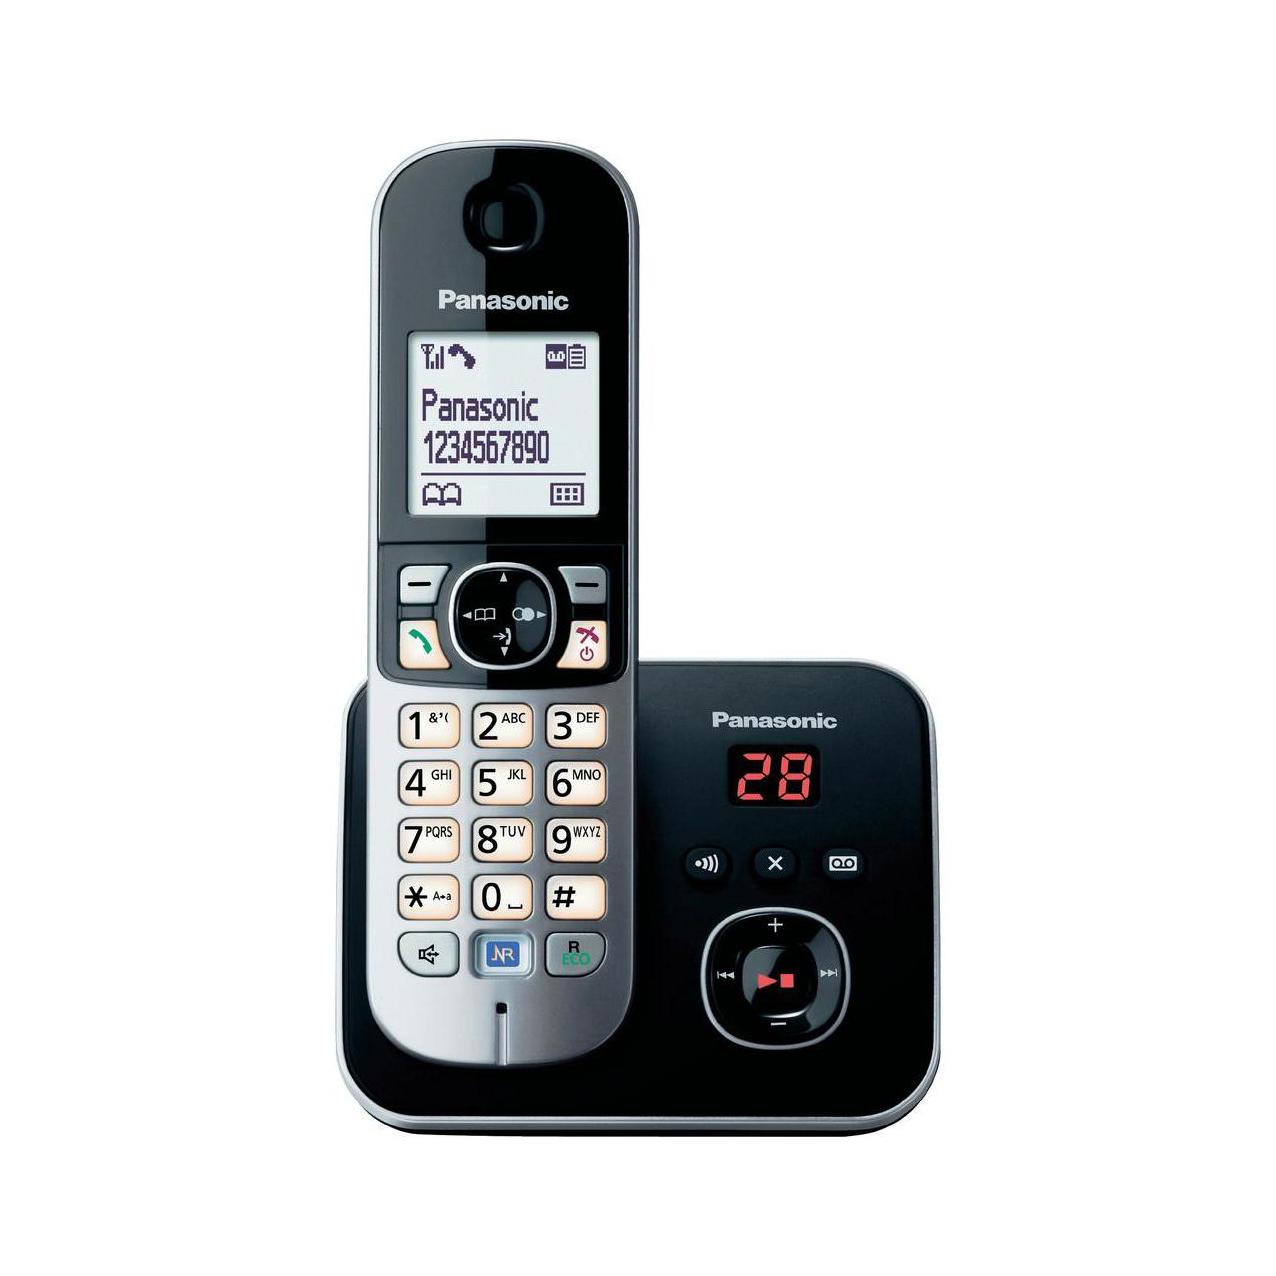 گوشی تلفن بیسیم پاناسونیک مدل Panasonic-KX-TG6811